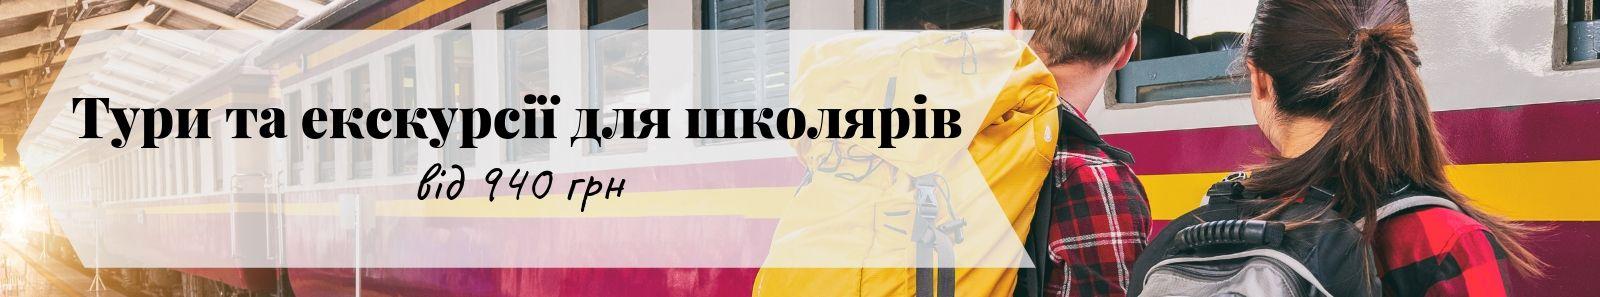 АвесТревел